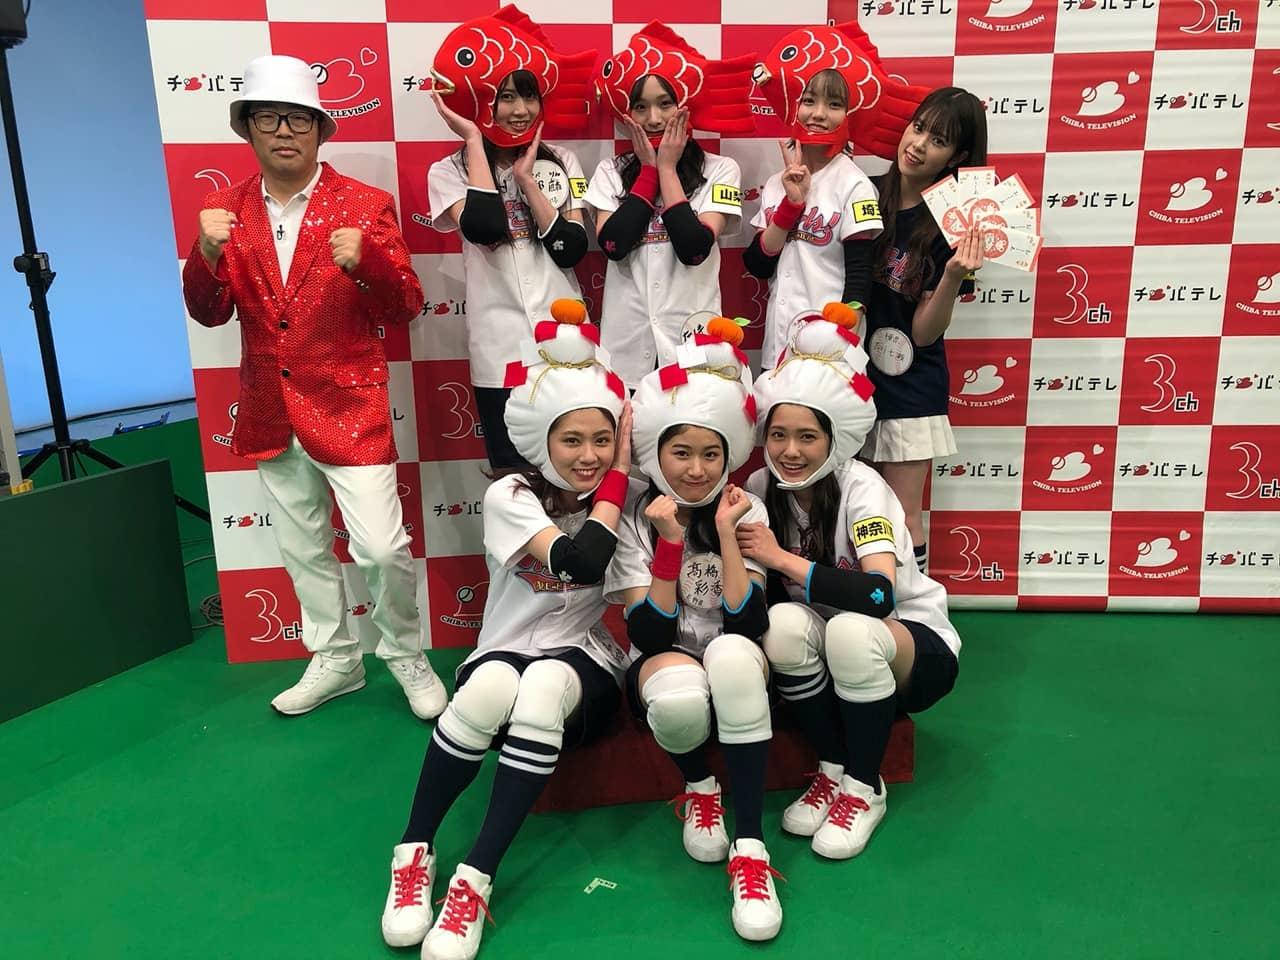 「AKB48チーム8のKANTO白書 バッチこーい!」新春チーム対抗お正月バトル!